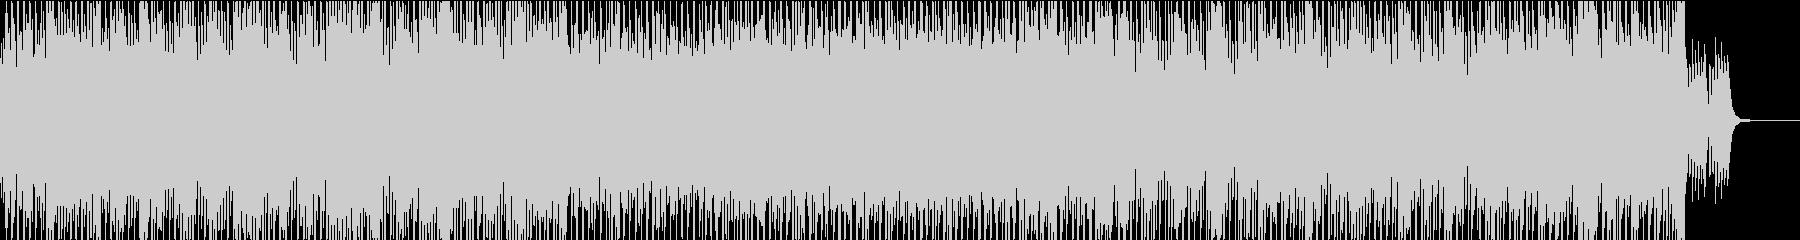 軽やかなピアノとストリングスの登場映像の未再生の波形